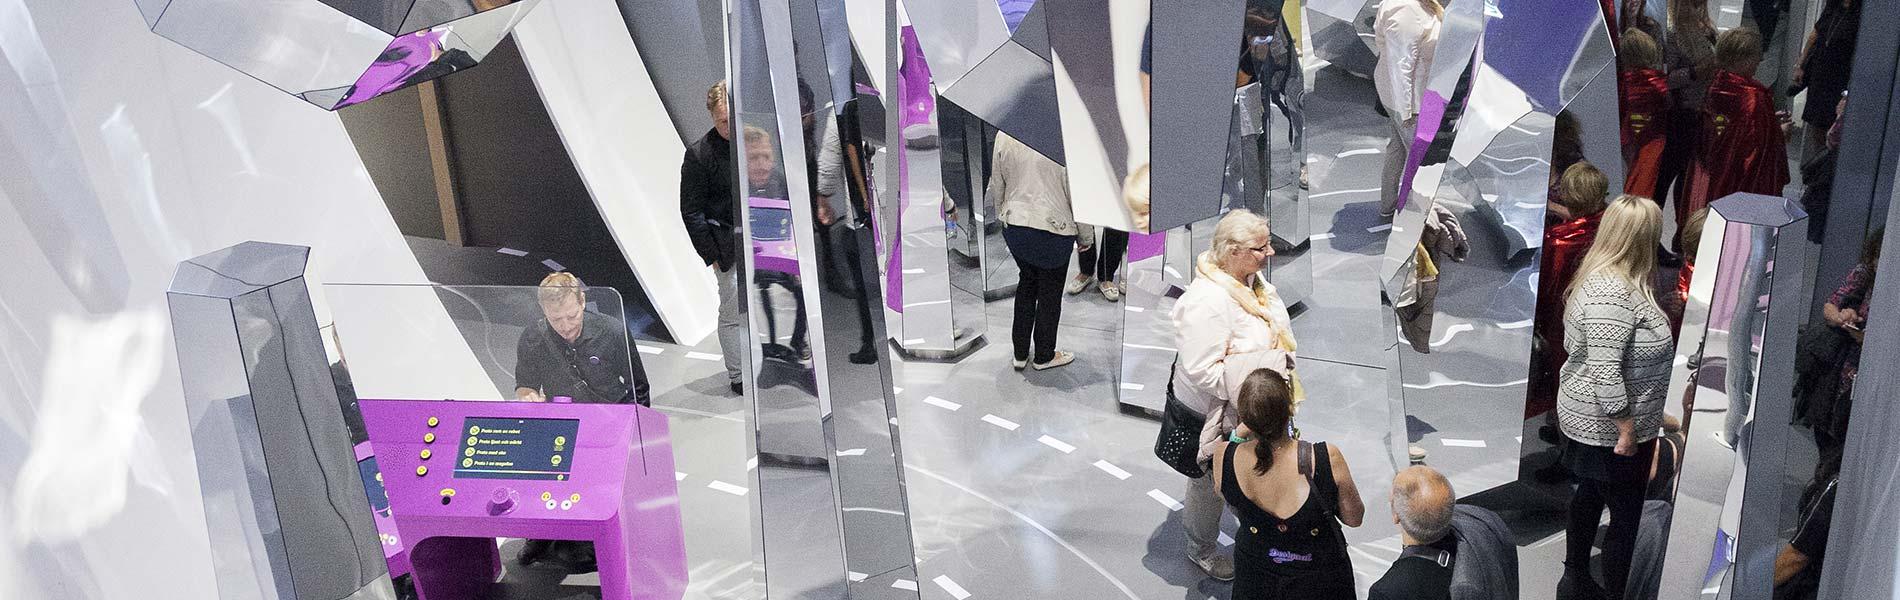 Personer går runt bland speglar i olika formationer.